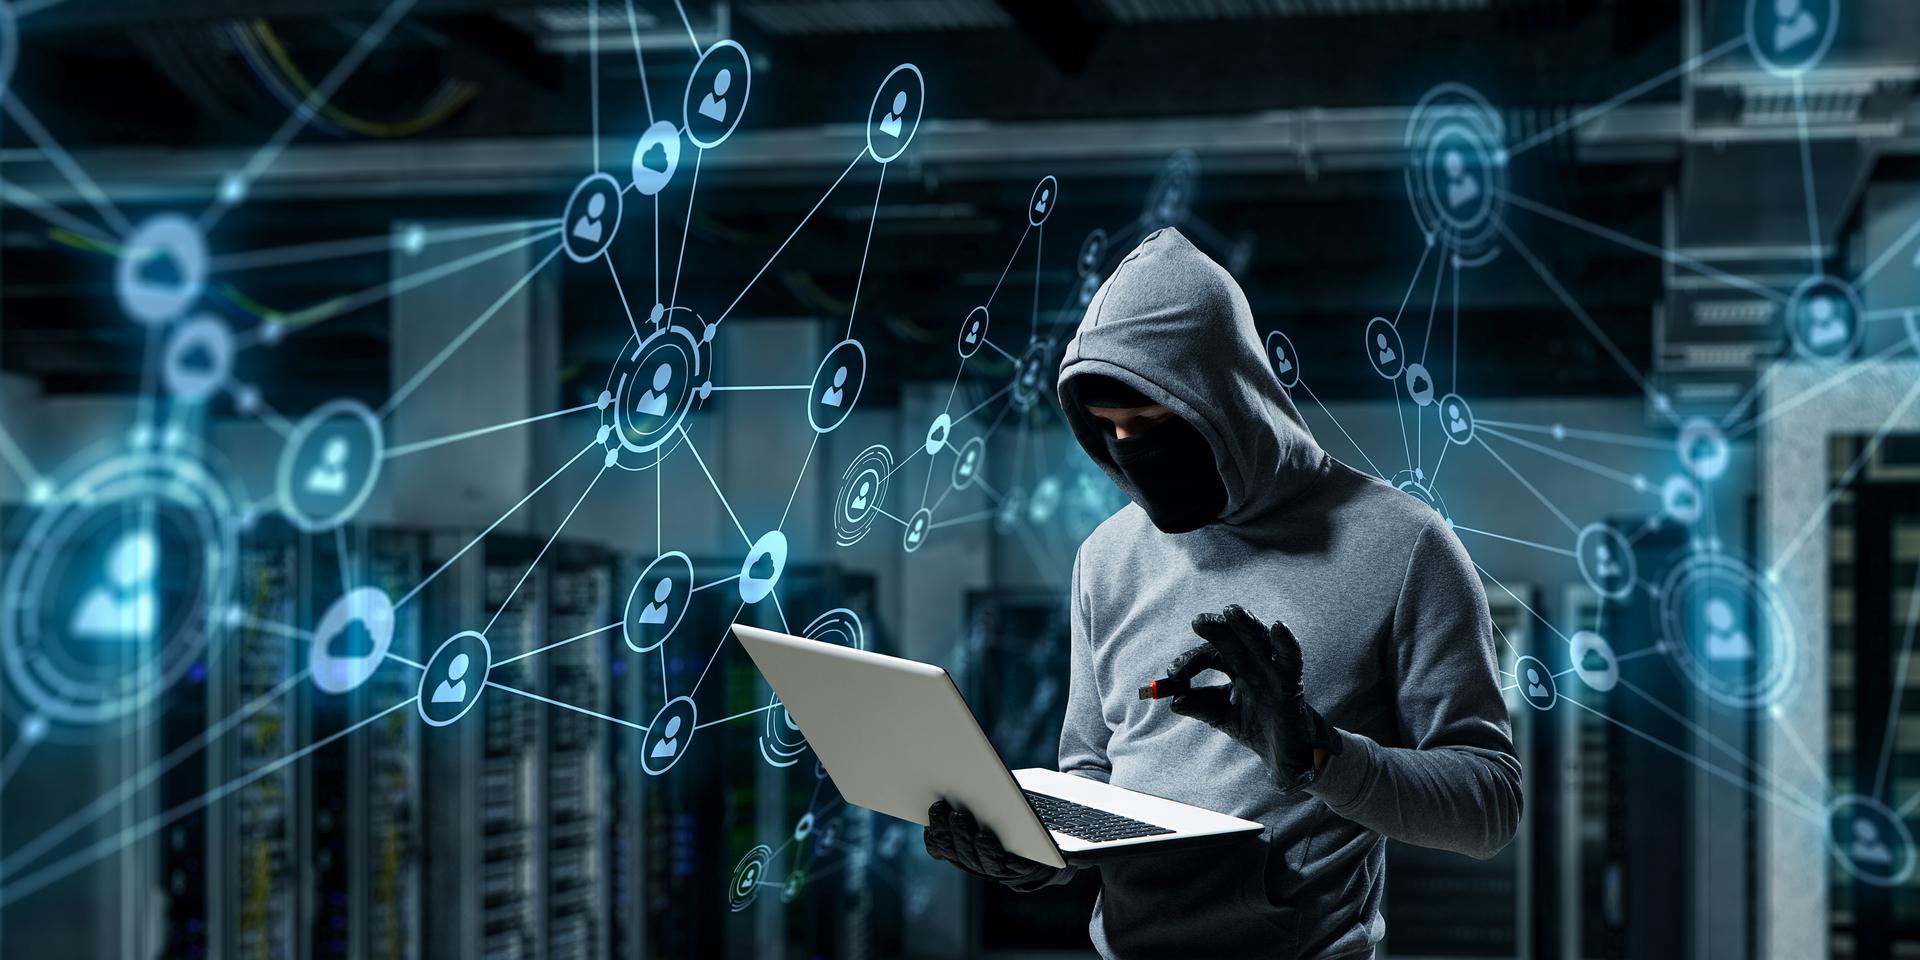 cyber atacks 2019